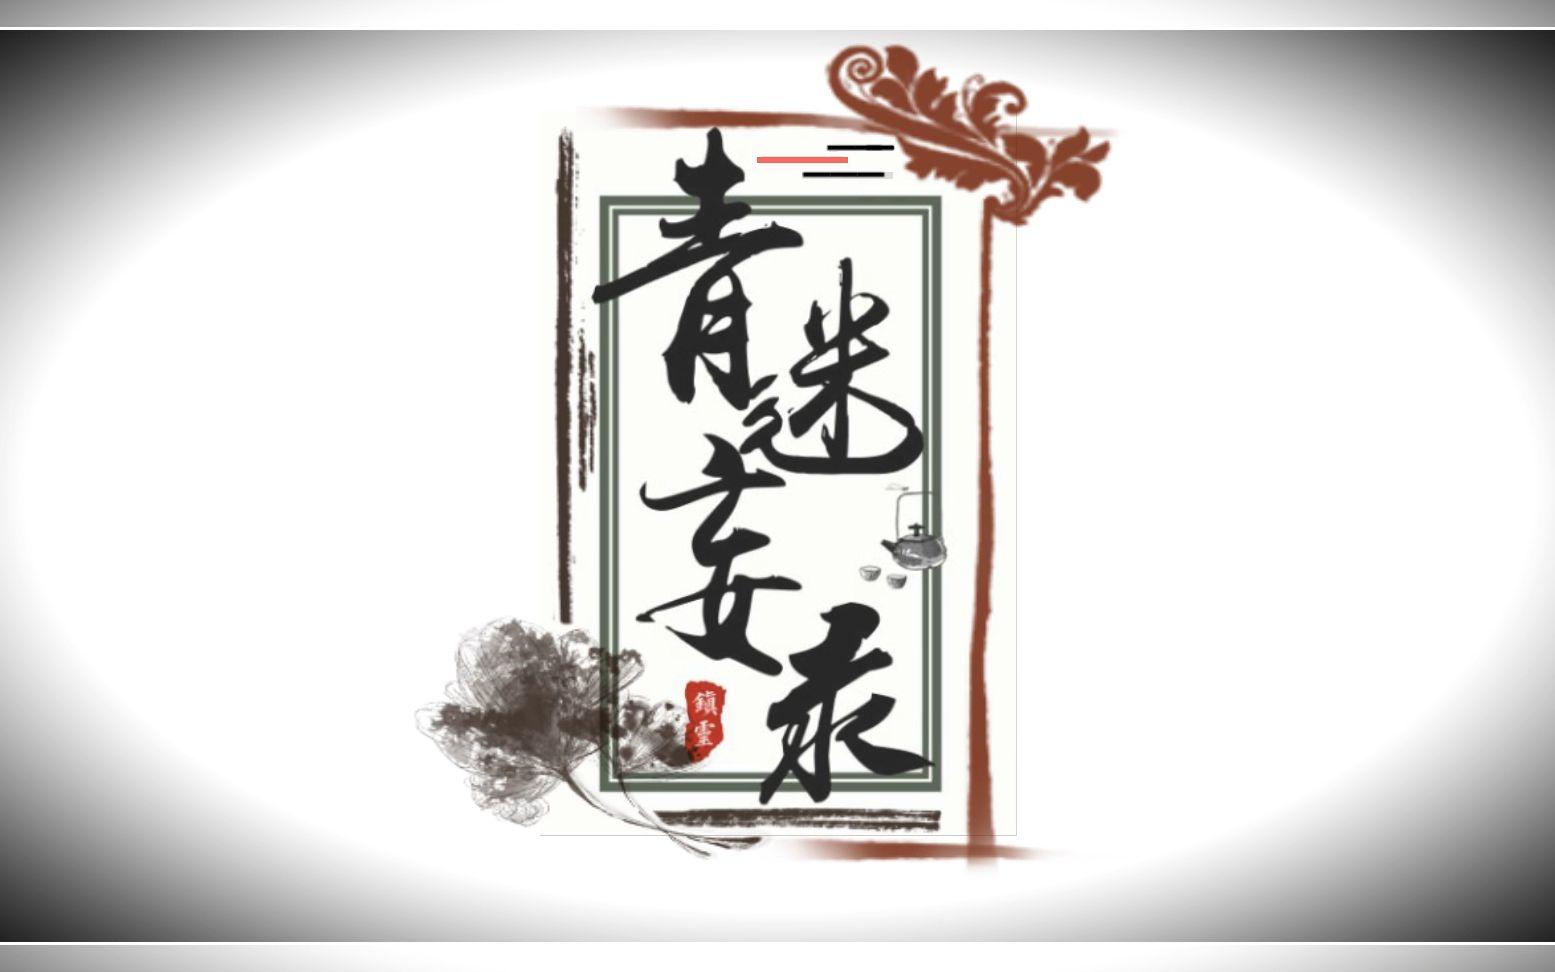 《琴師》 胡霍相依 不腐 只是為了藝術 胡歌x霍建華,-愛嗶哩(B站視頻,音頻mp3解析下載站)